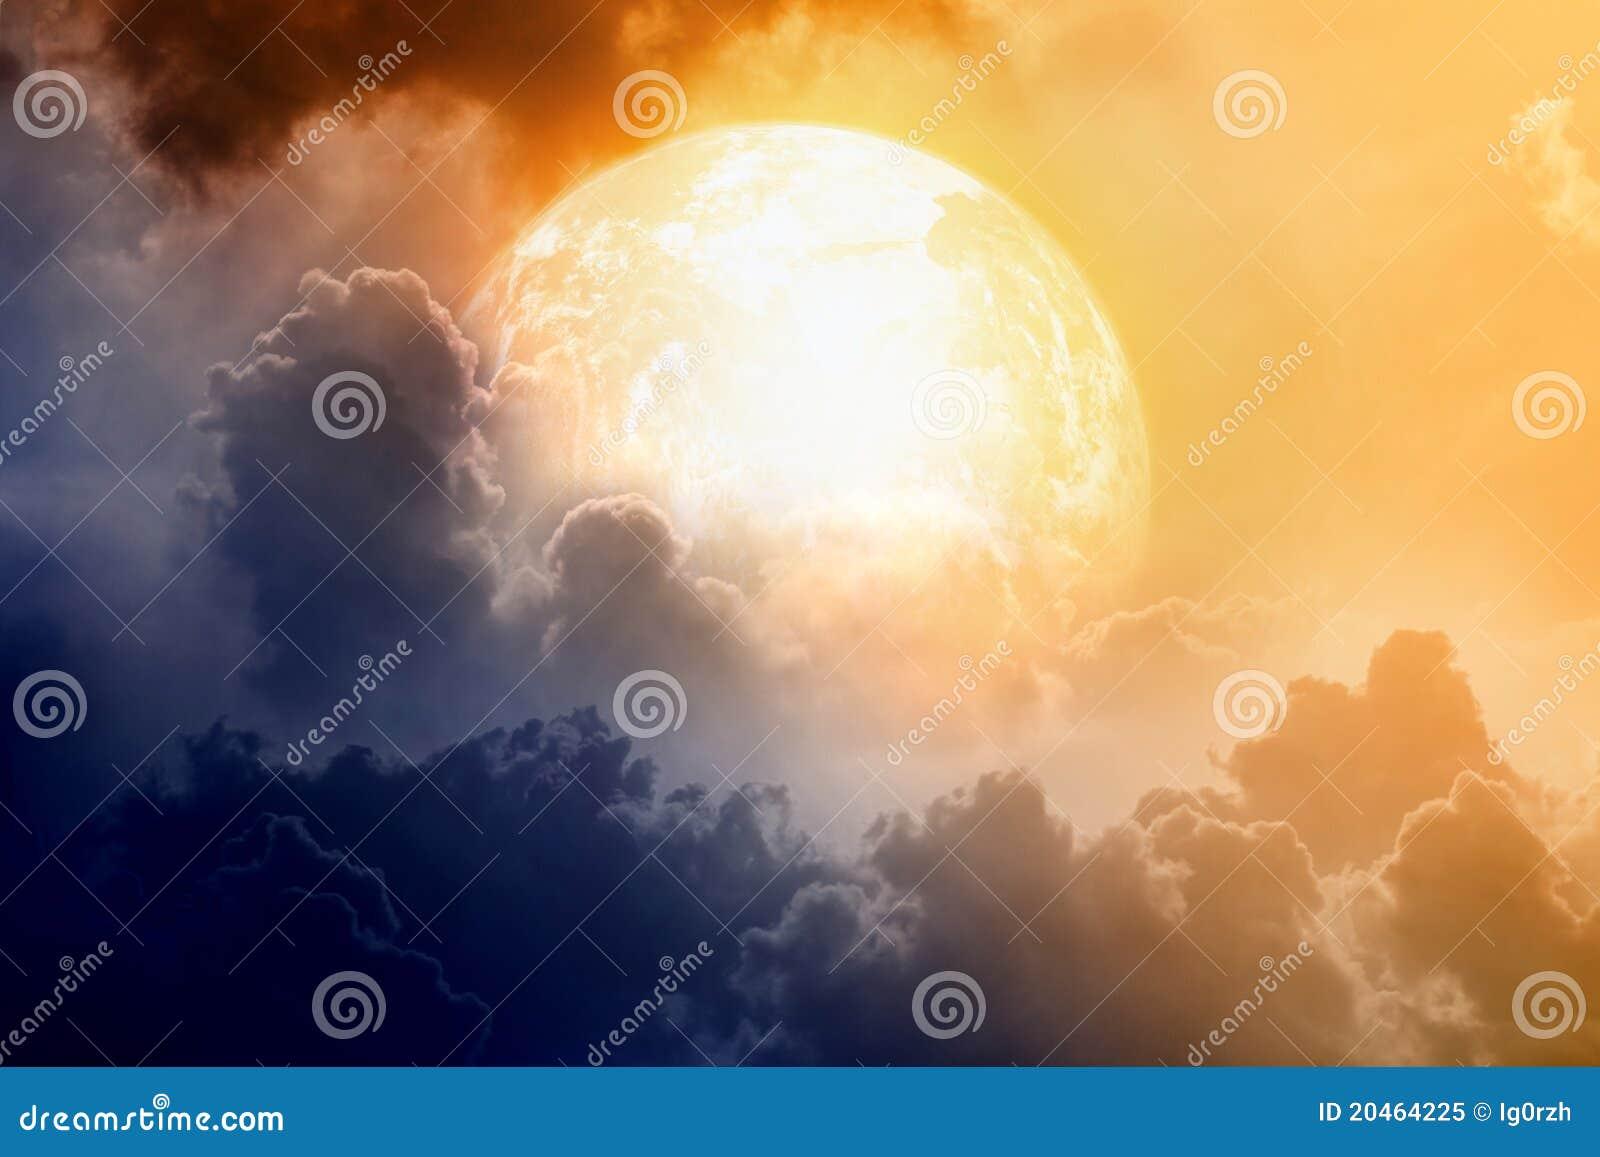 Céu dramático com planeta de incandescência